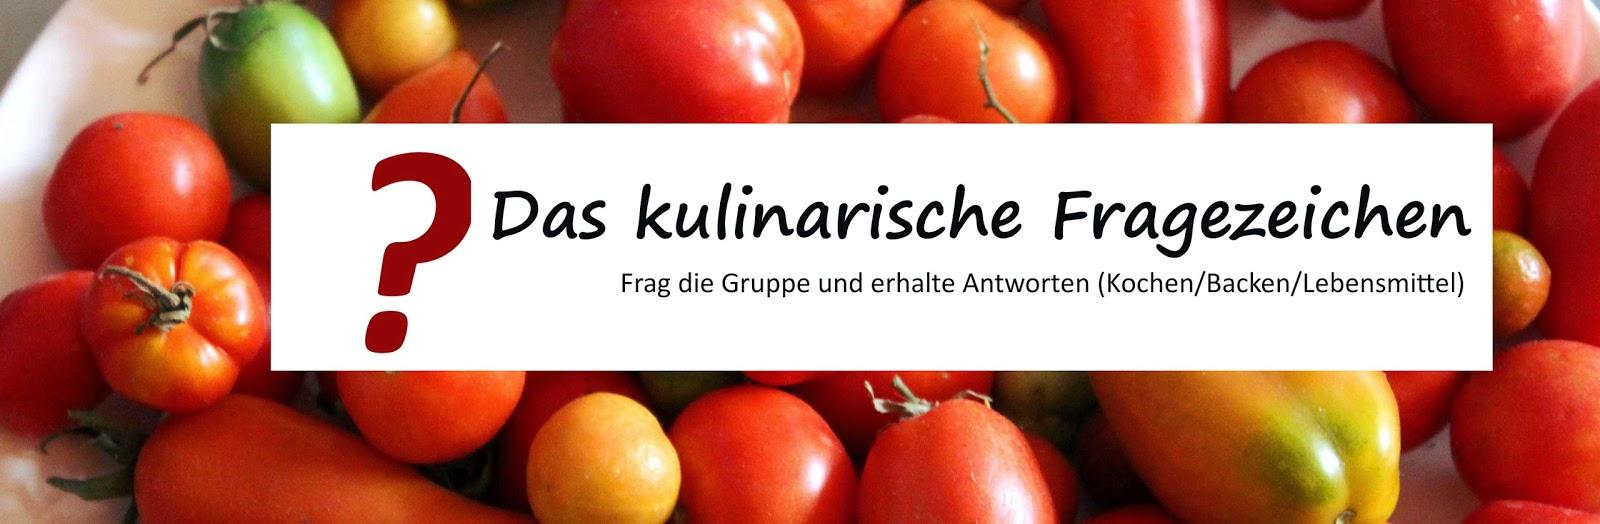 https://www.facebook.com/groups/KulinarischesFragezeichen/